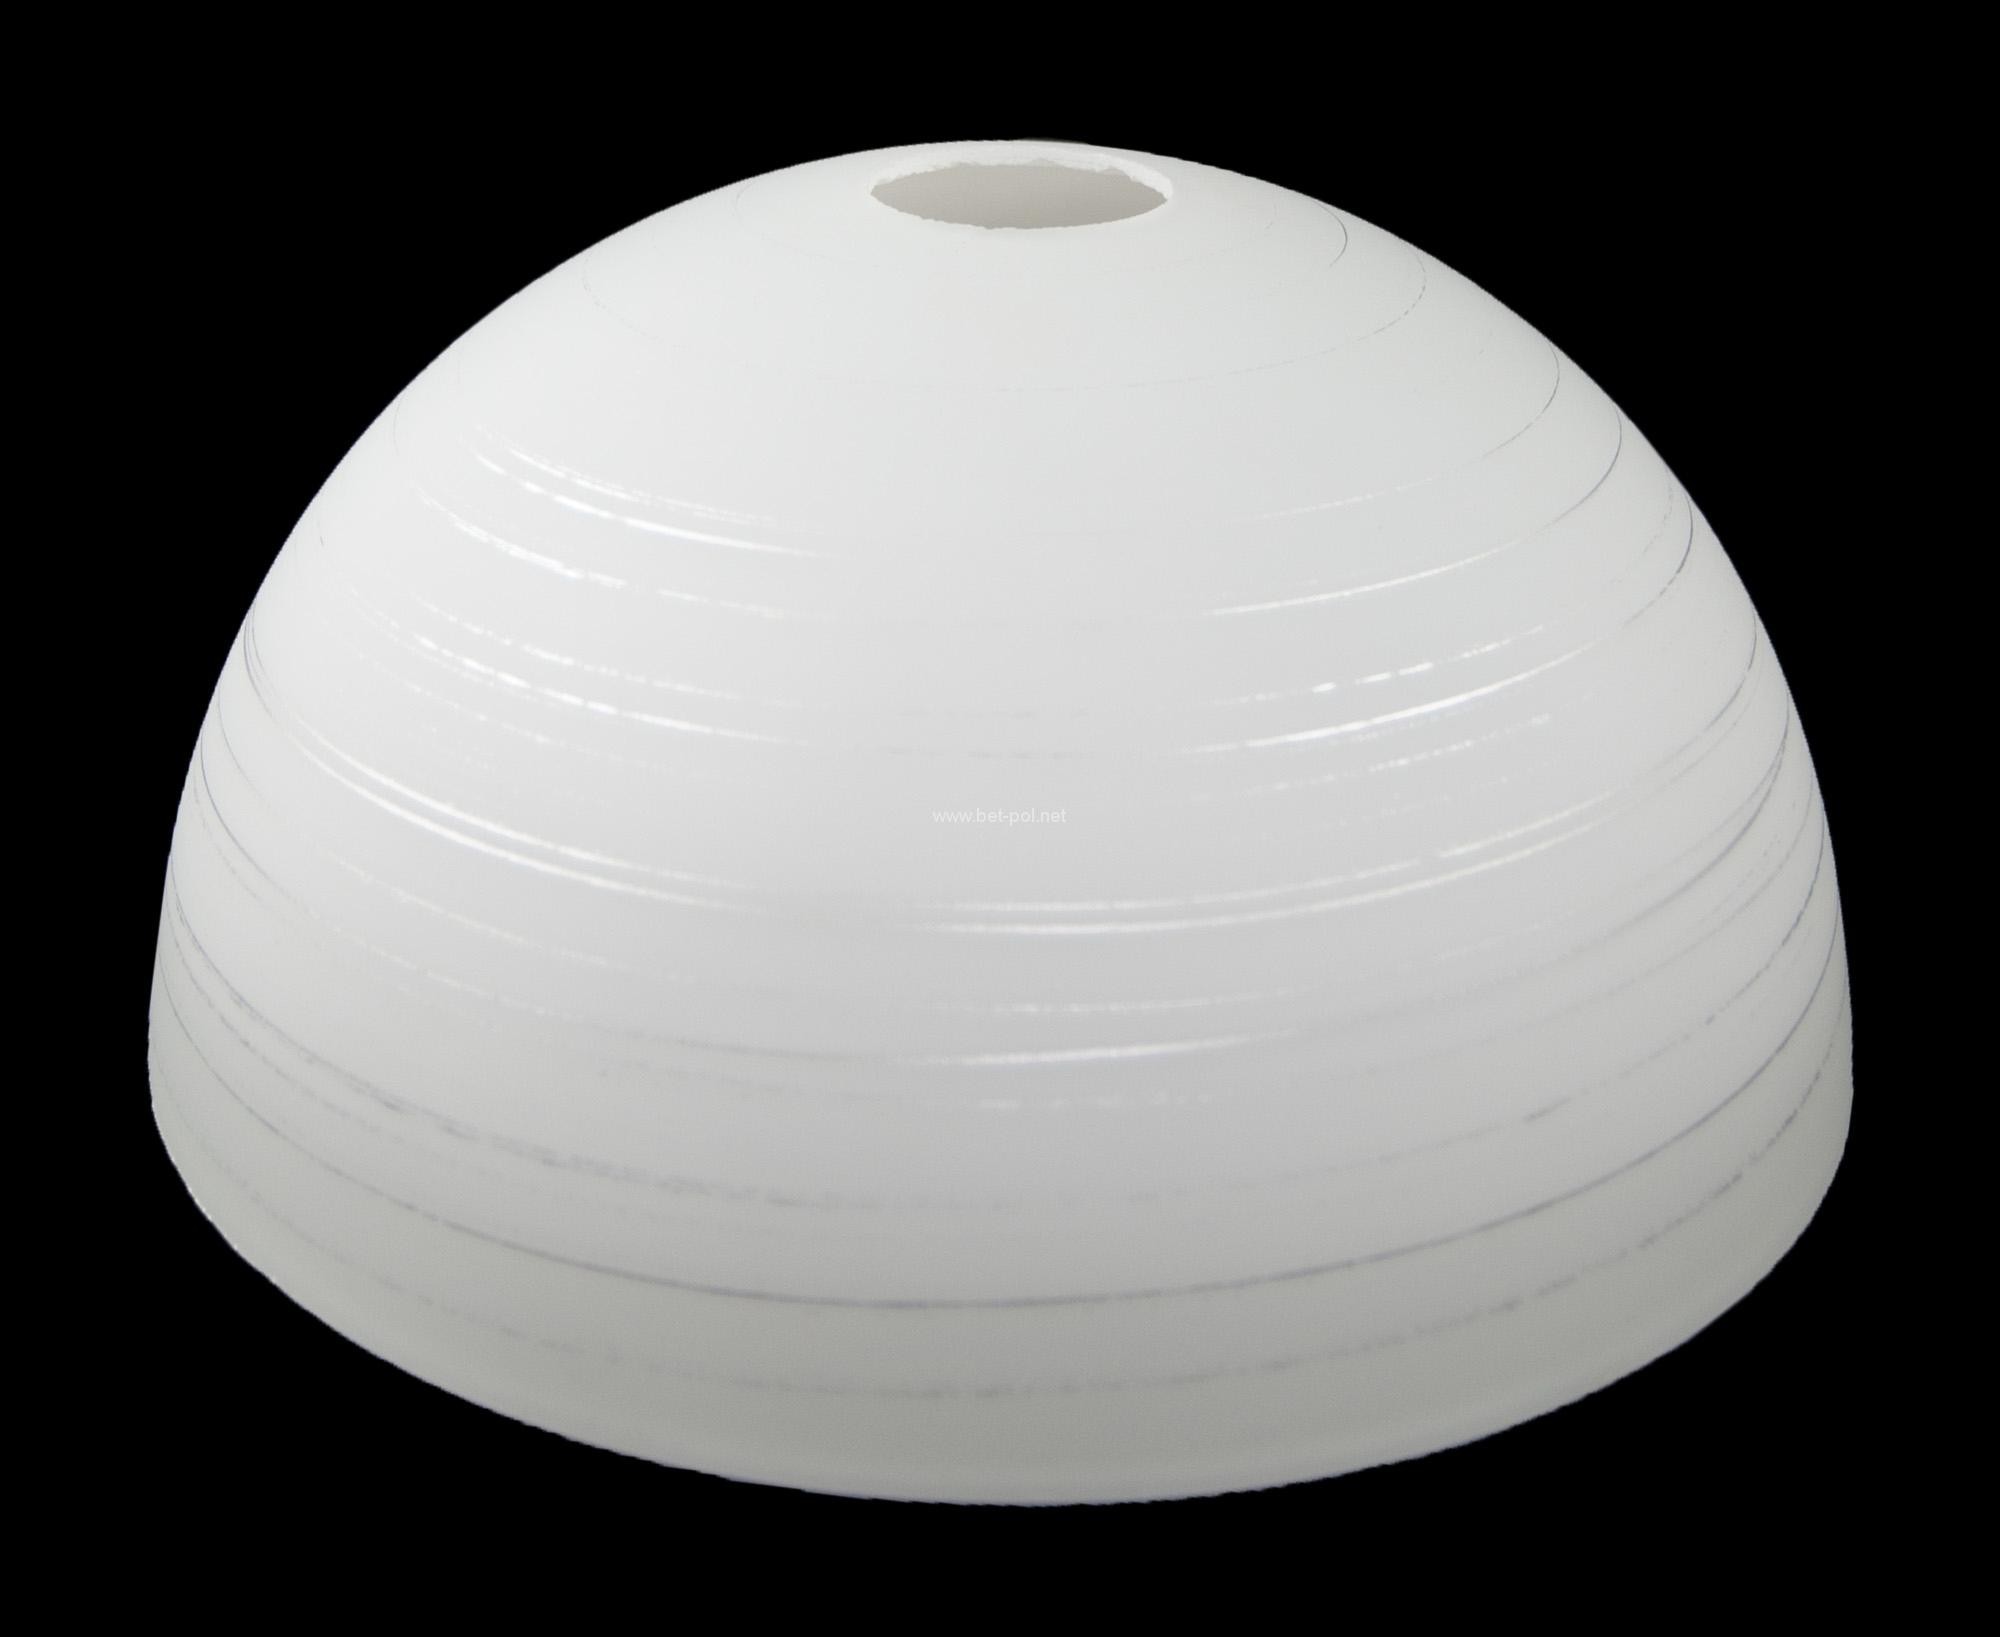 Klosz WE 051 S 250